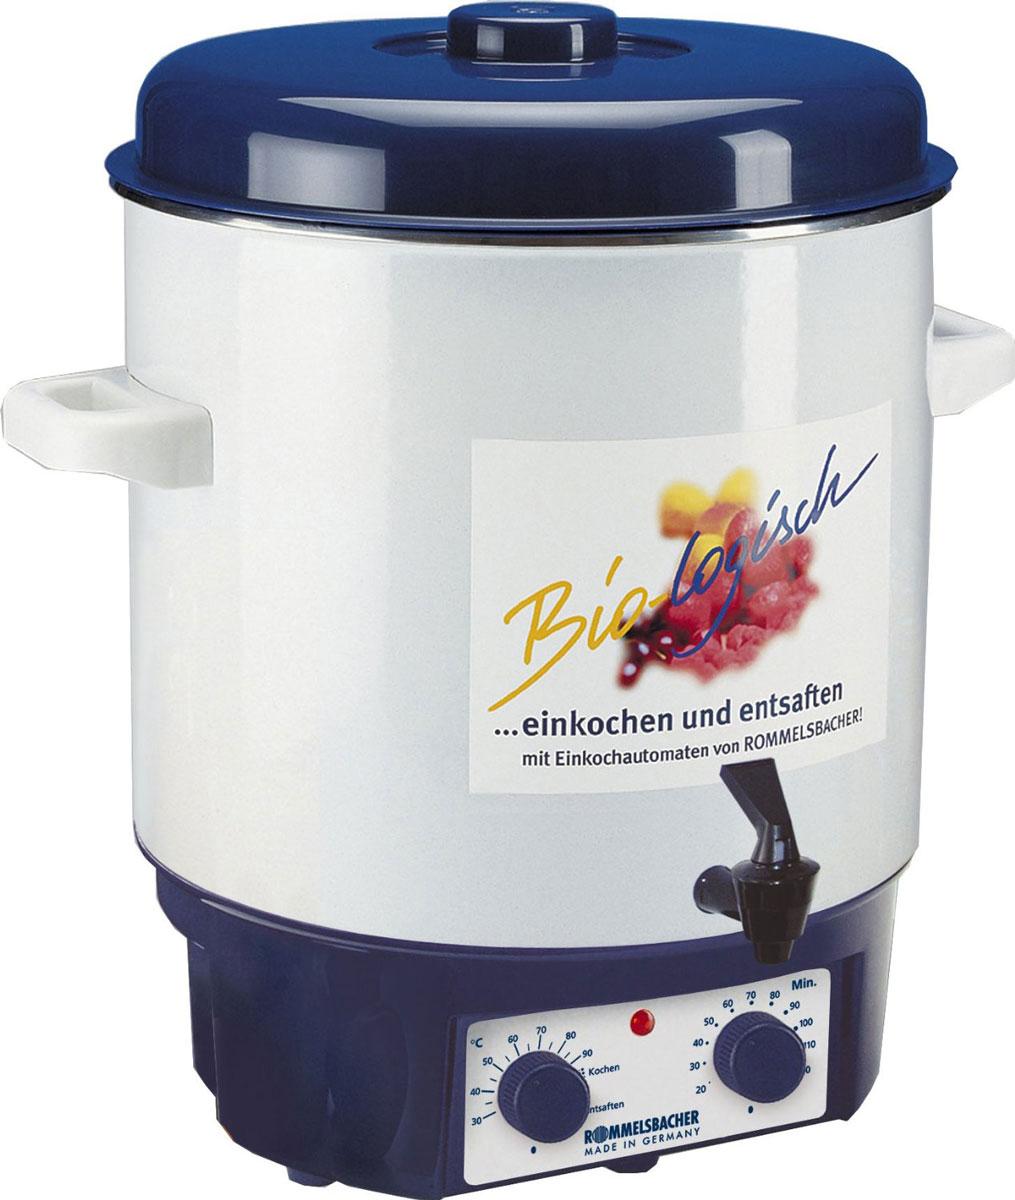 Rommelsbacher KA 1804 глинтвейн-мейкерKA 1804Глинтвейн-мейкер Rommelsbacher KA 1804 позволяет в течение всего года наслаждаться плодами лета. Фруктовые соки, глинтвейн и варенье приготавливаются легко, просто и удобно. Также прибор прекрасно поддерживает горячую температуру напитков. Rommelsbacher KA 1804 можно использовать для стерилизации банок, а благодаря удобному крану можно наливать горячий глинтвейн, пунш и другие напитки. Контрольная лампа нагрева Встроенный термостат Таймер: 120 минут Двойной слой прочной эмали на баке